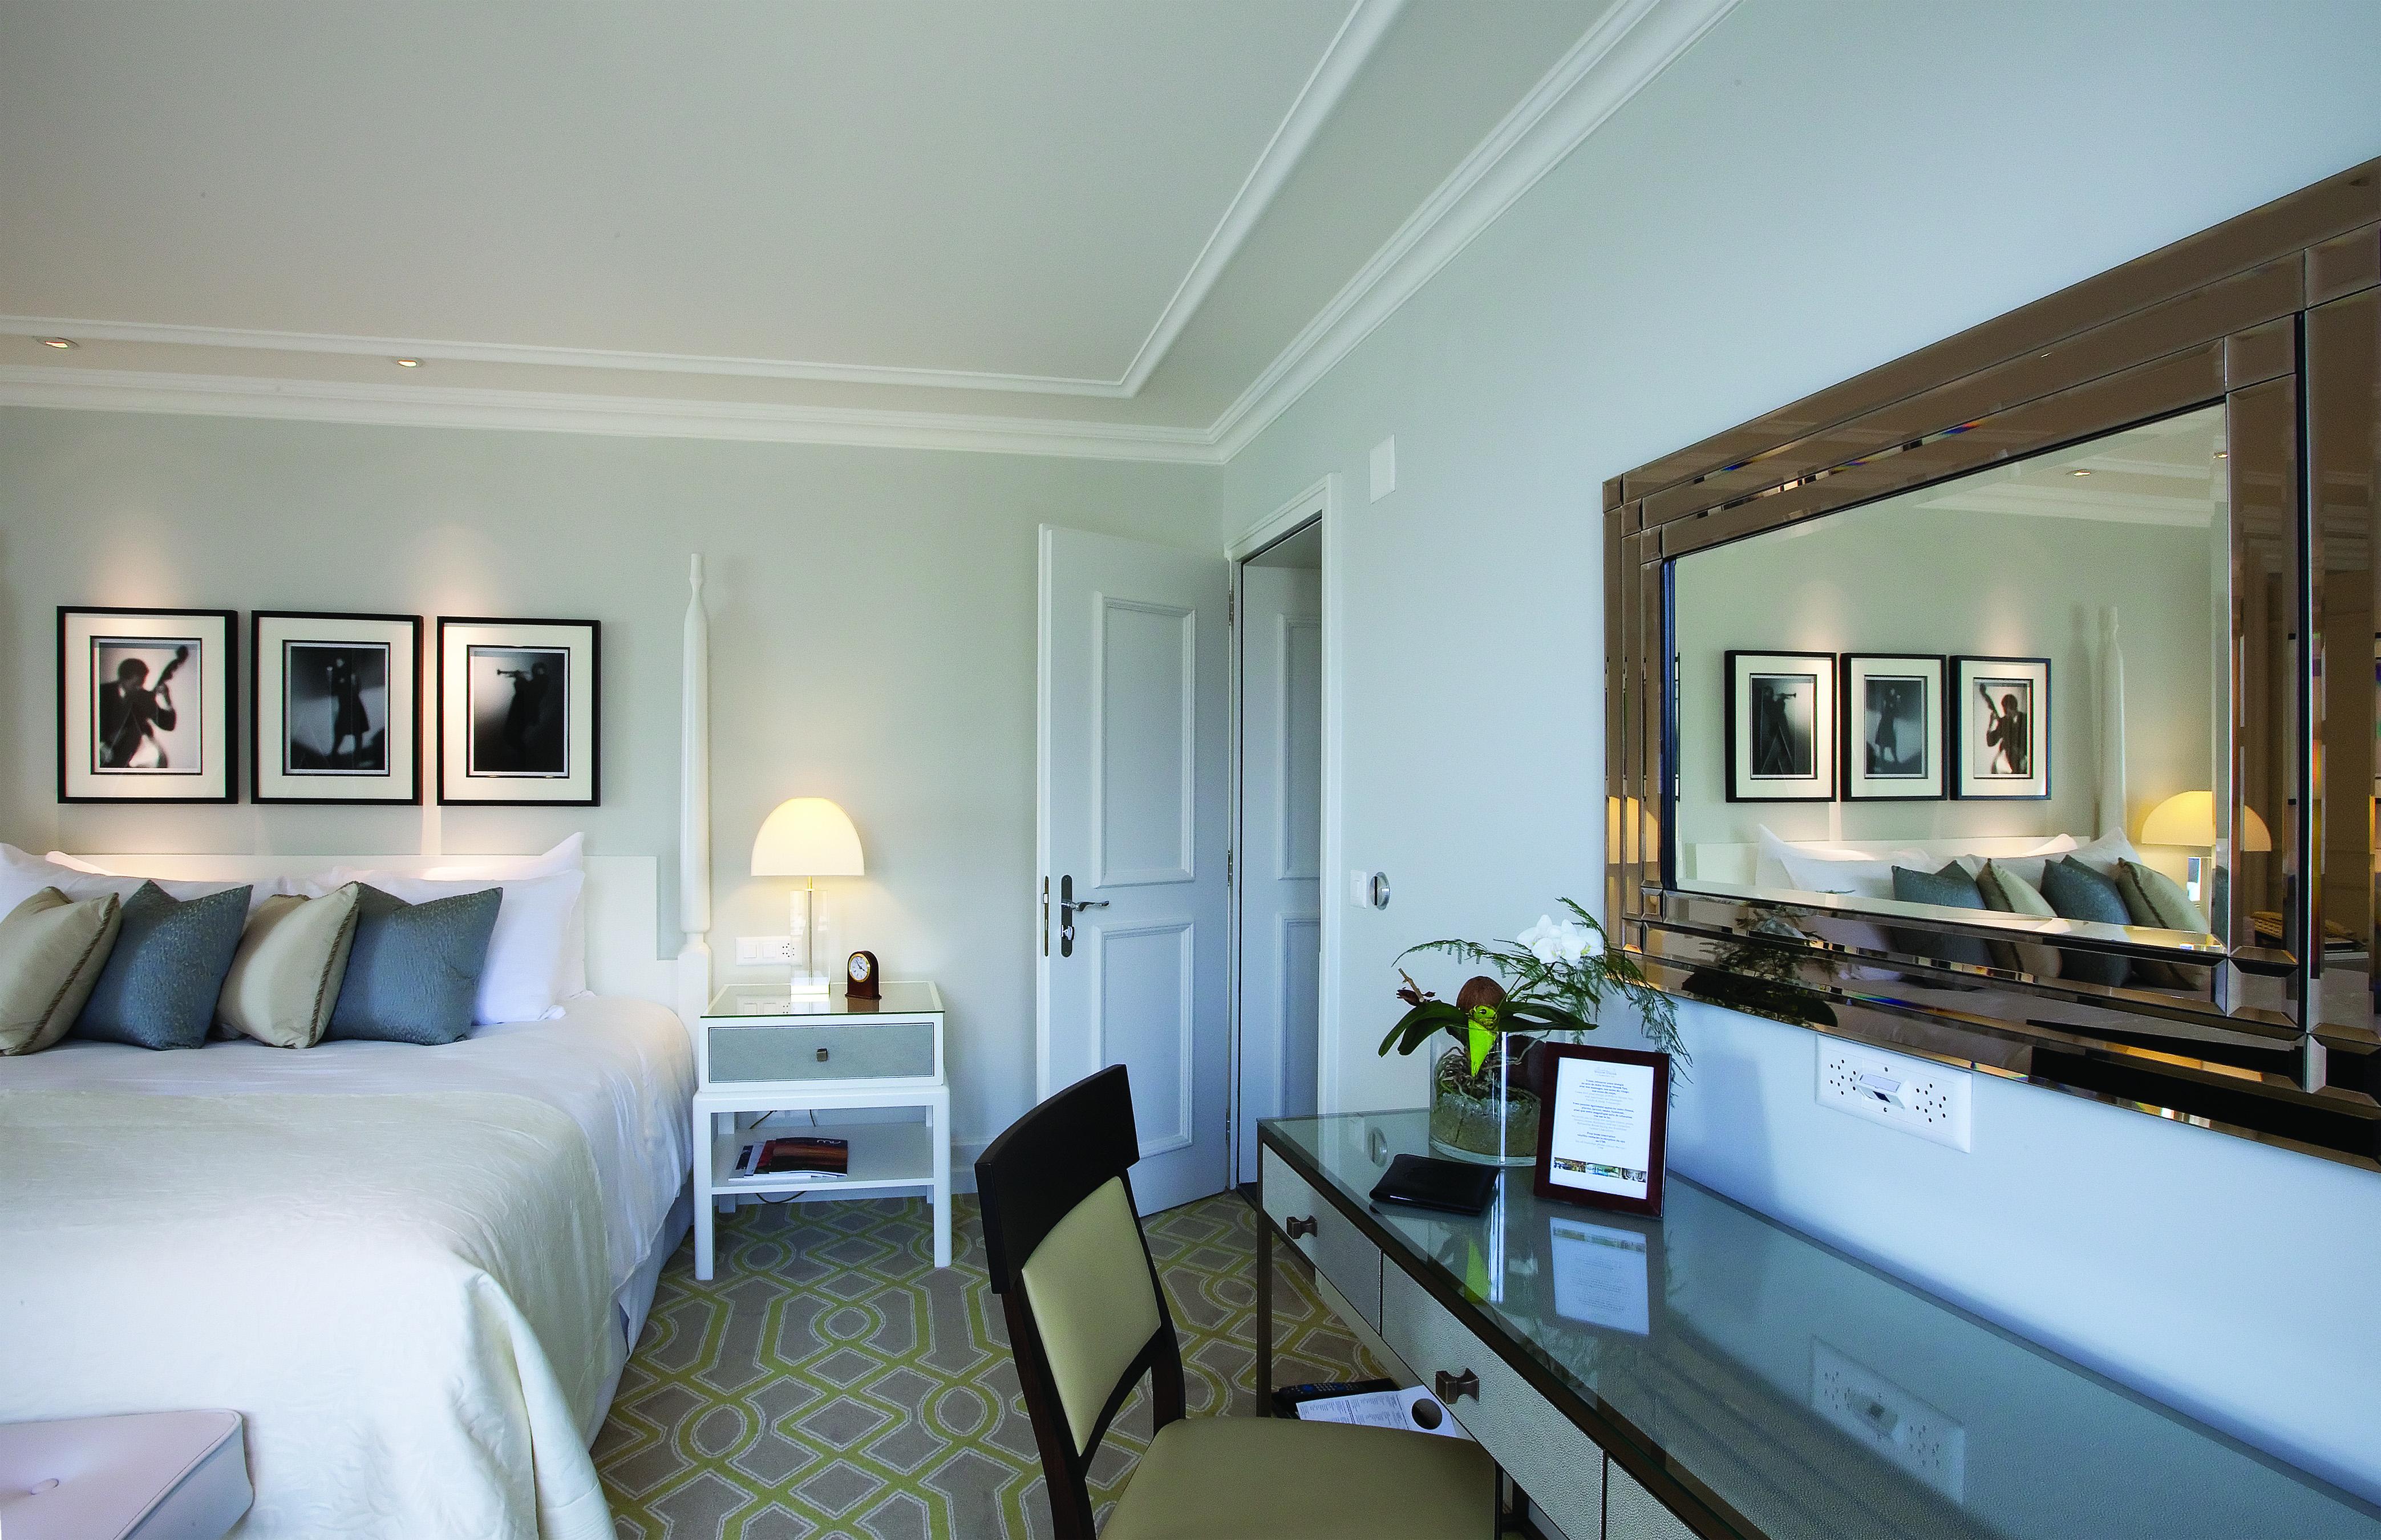 Quincy Jones Suite at Fairmont Le Montreux Palace, Switzerland